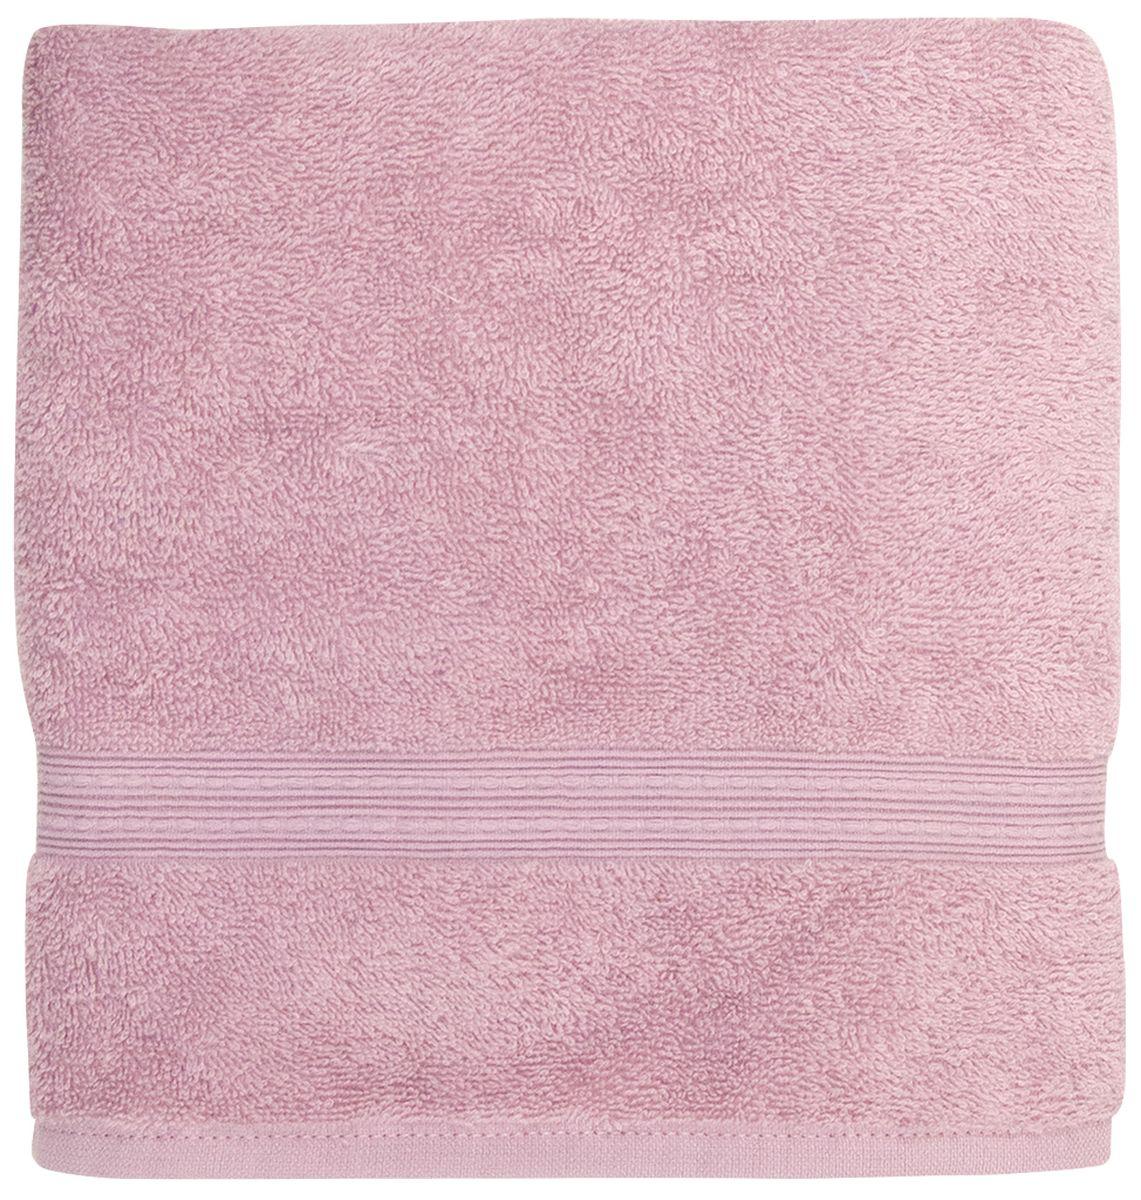 Полотенце банное Bonita Classic, цвет: лаванда, 70 х 140 см10503Банное полотенце Bonita Classic выполнено из 100% хлопка. Изделие отлично впитывает влагу, быстро сохнет, сохраняет яркость цвета и не теряет форму даже после многократных стирок. Такое полотенце очень практично и неприхотливо в уходе. Оно создаст прекрасное настроение и украсит интерьер в ванной комнате.